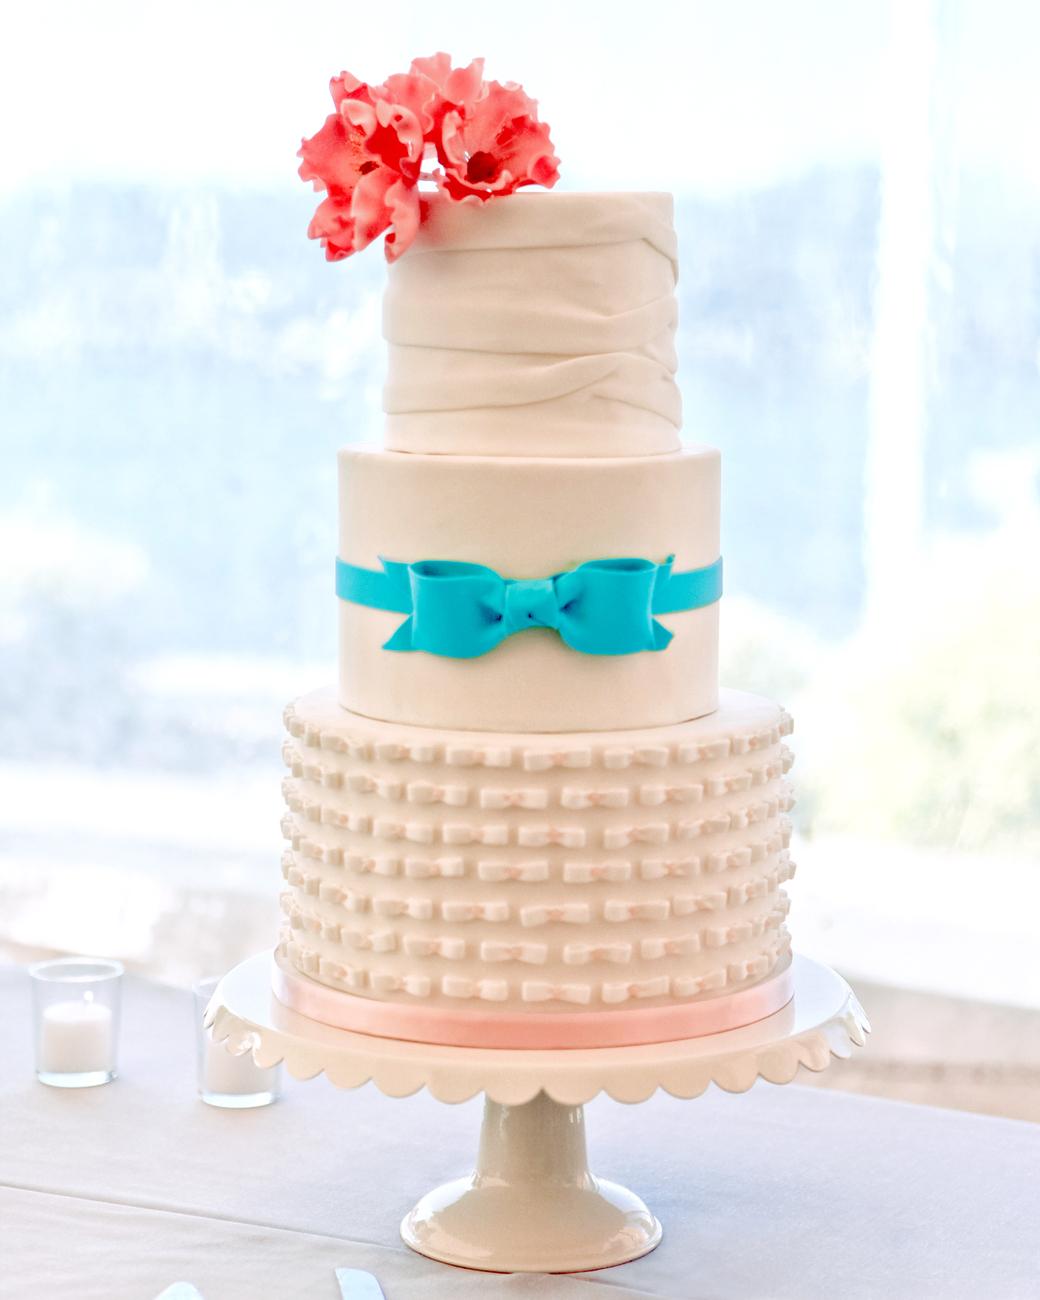 Fondant Cake Expiration